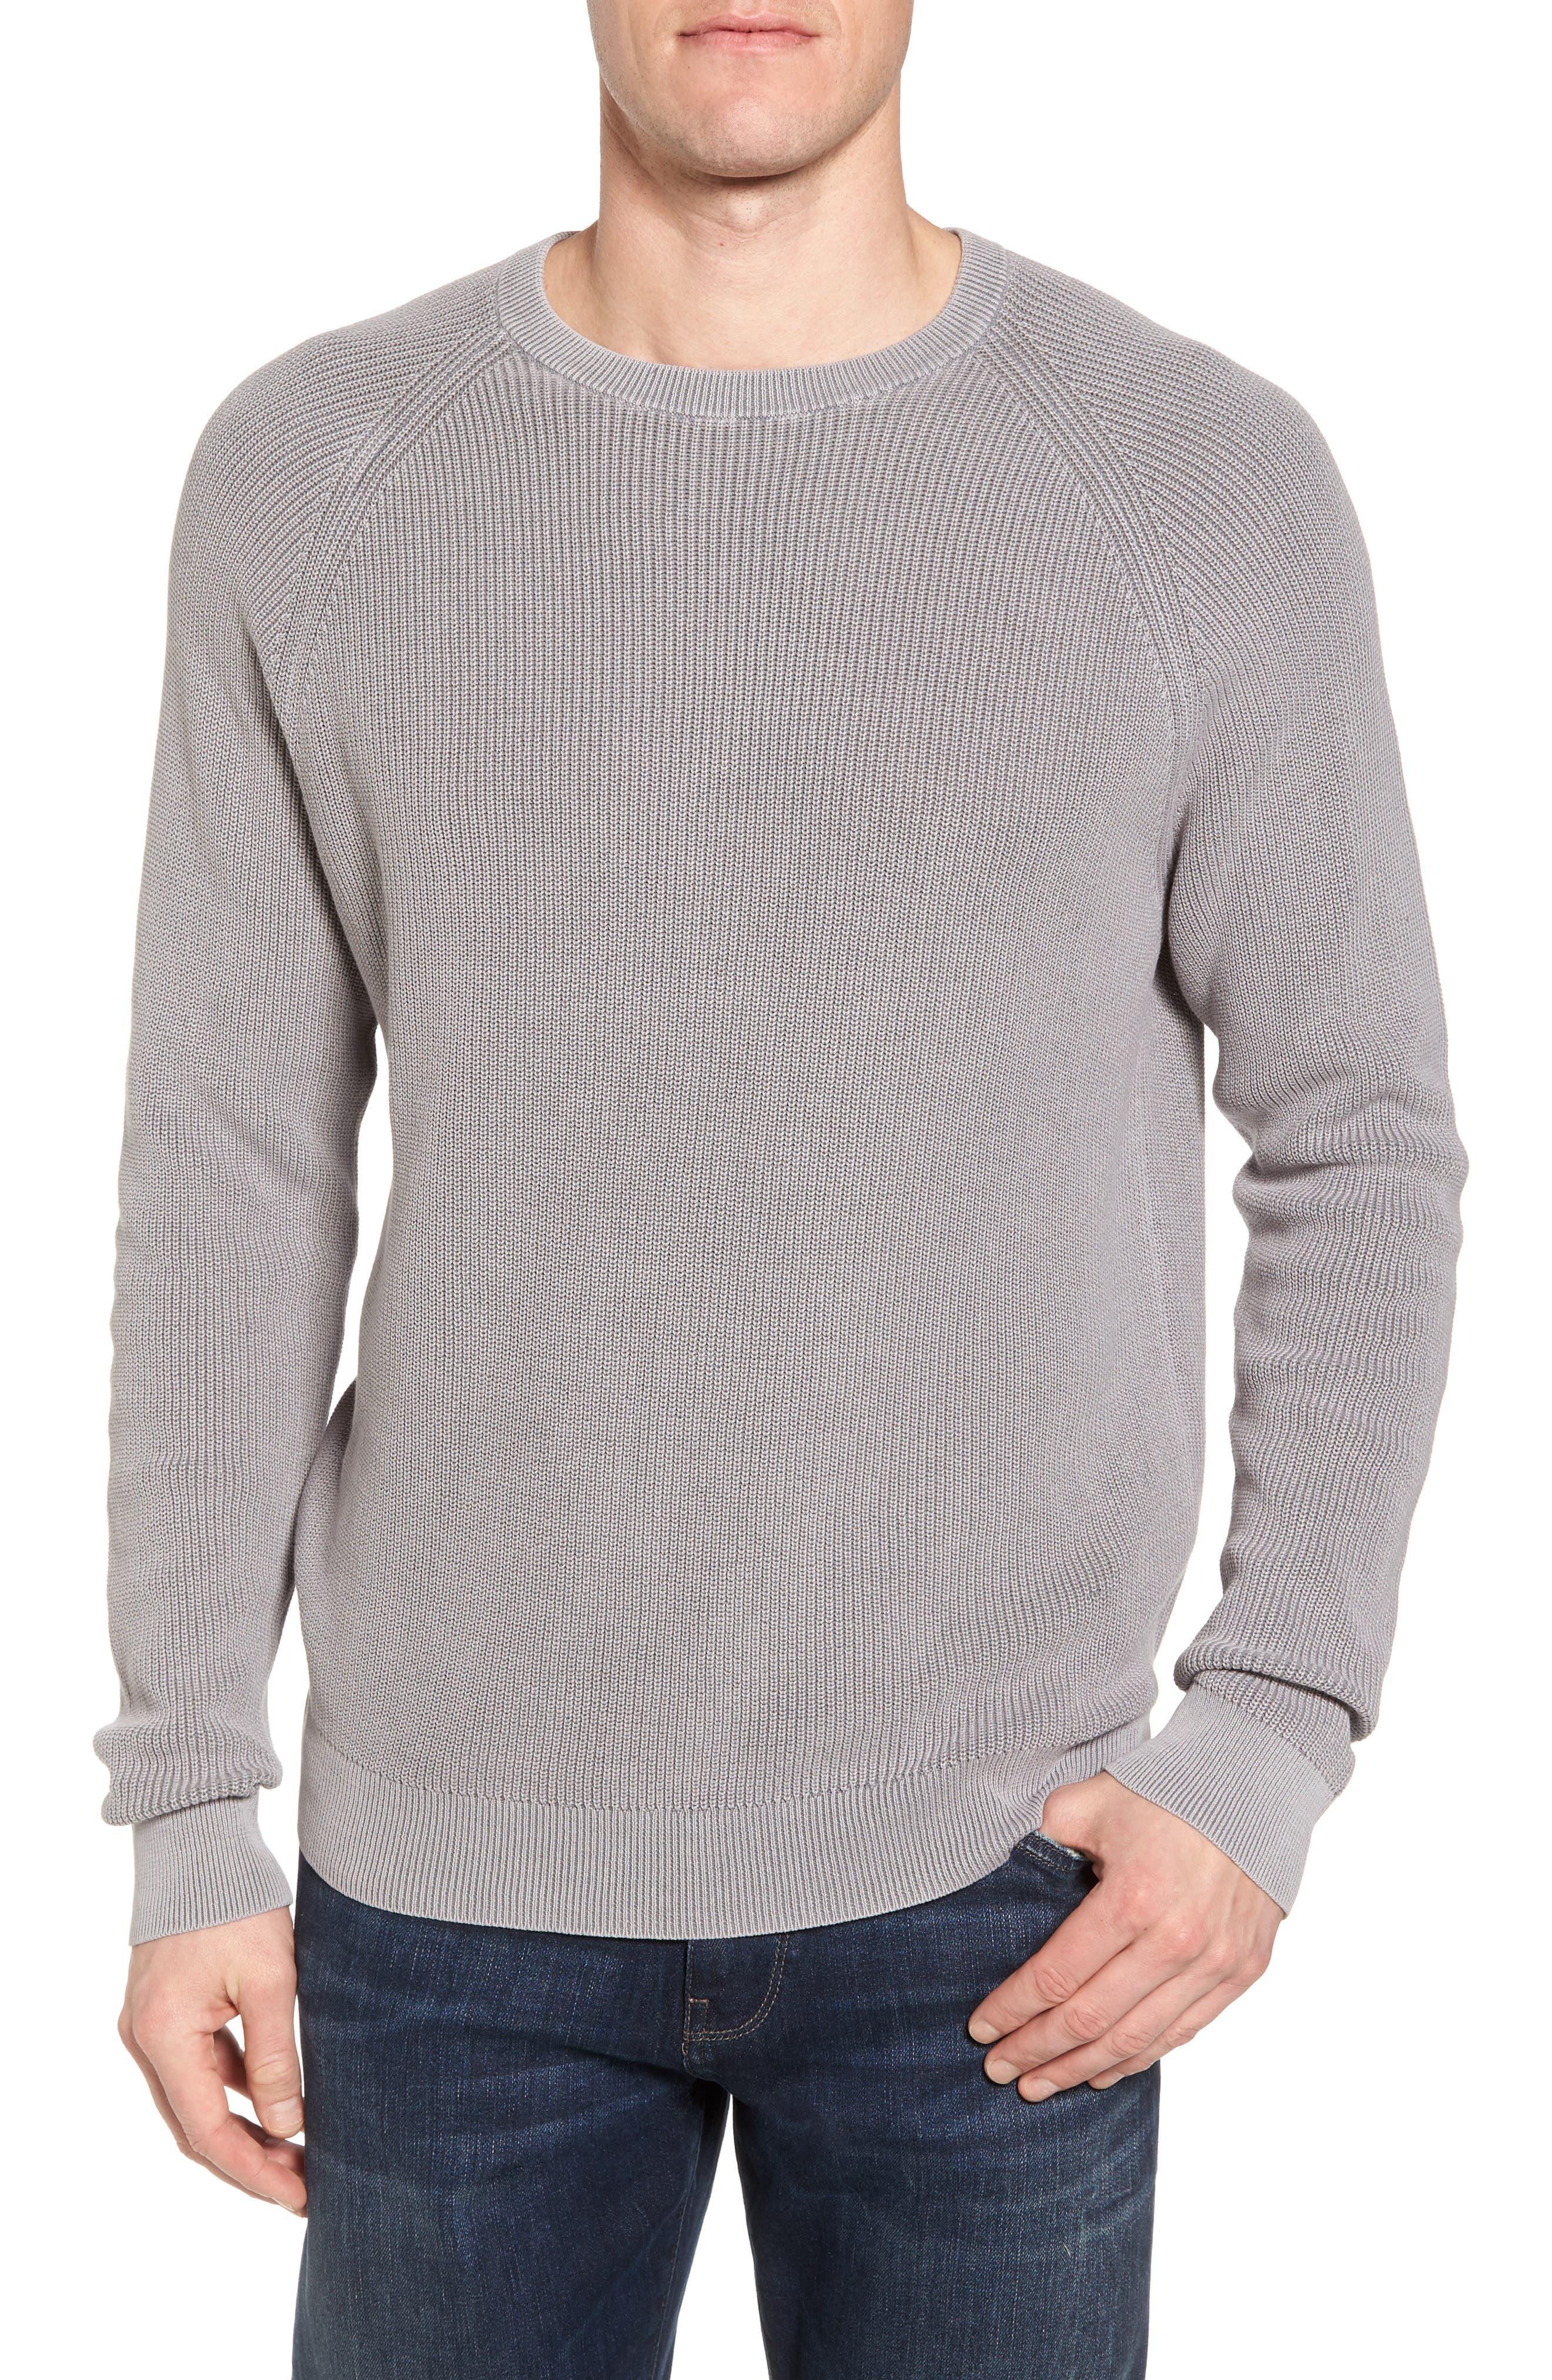 Crewneck Sweater,                             Main thumbnail 1, color,                             Grey Weather